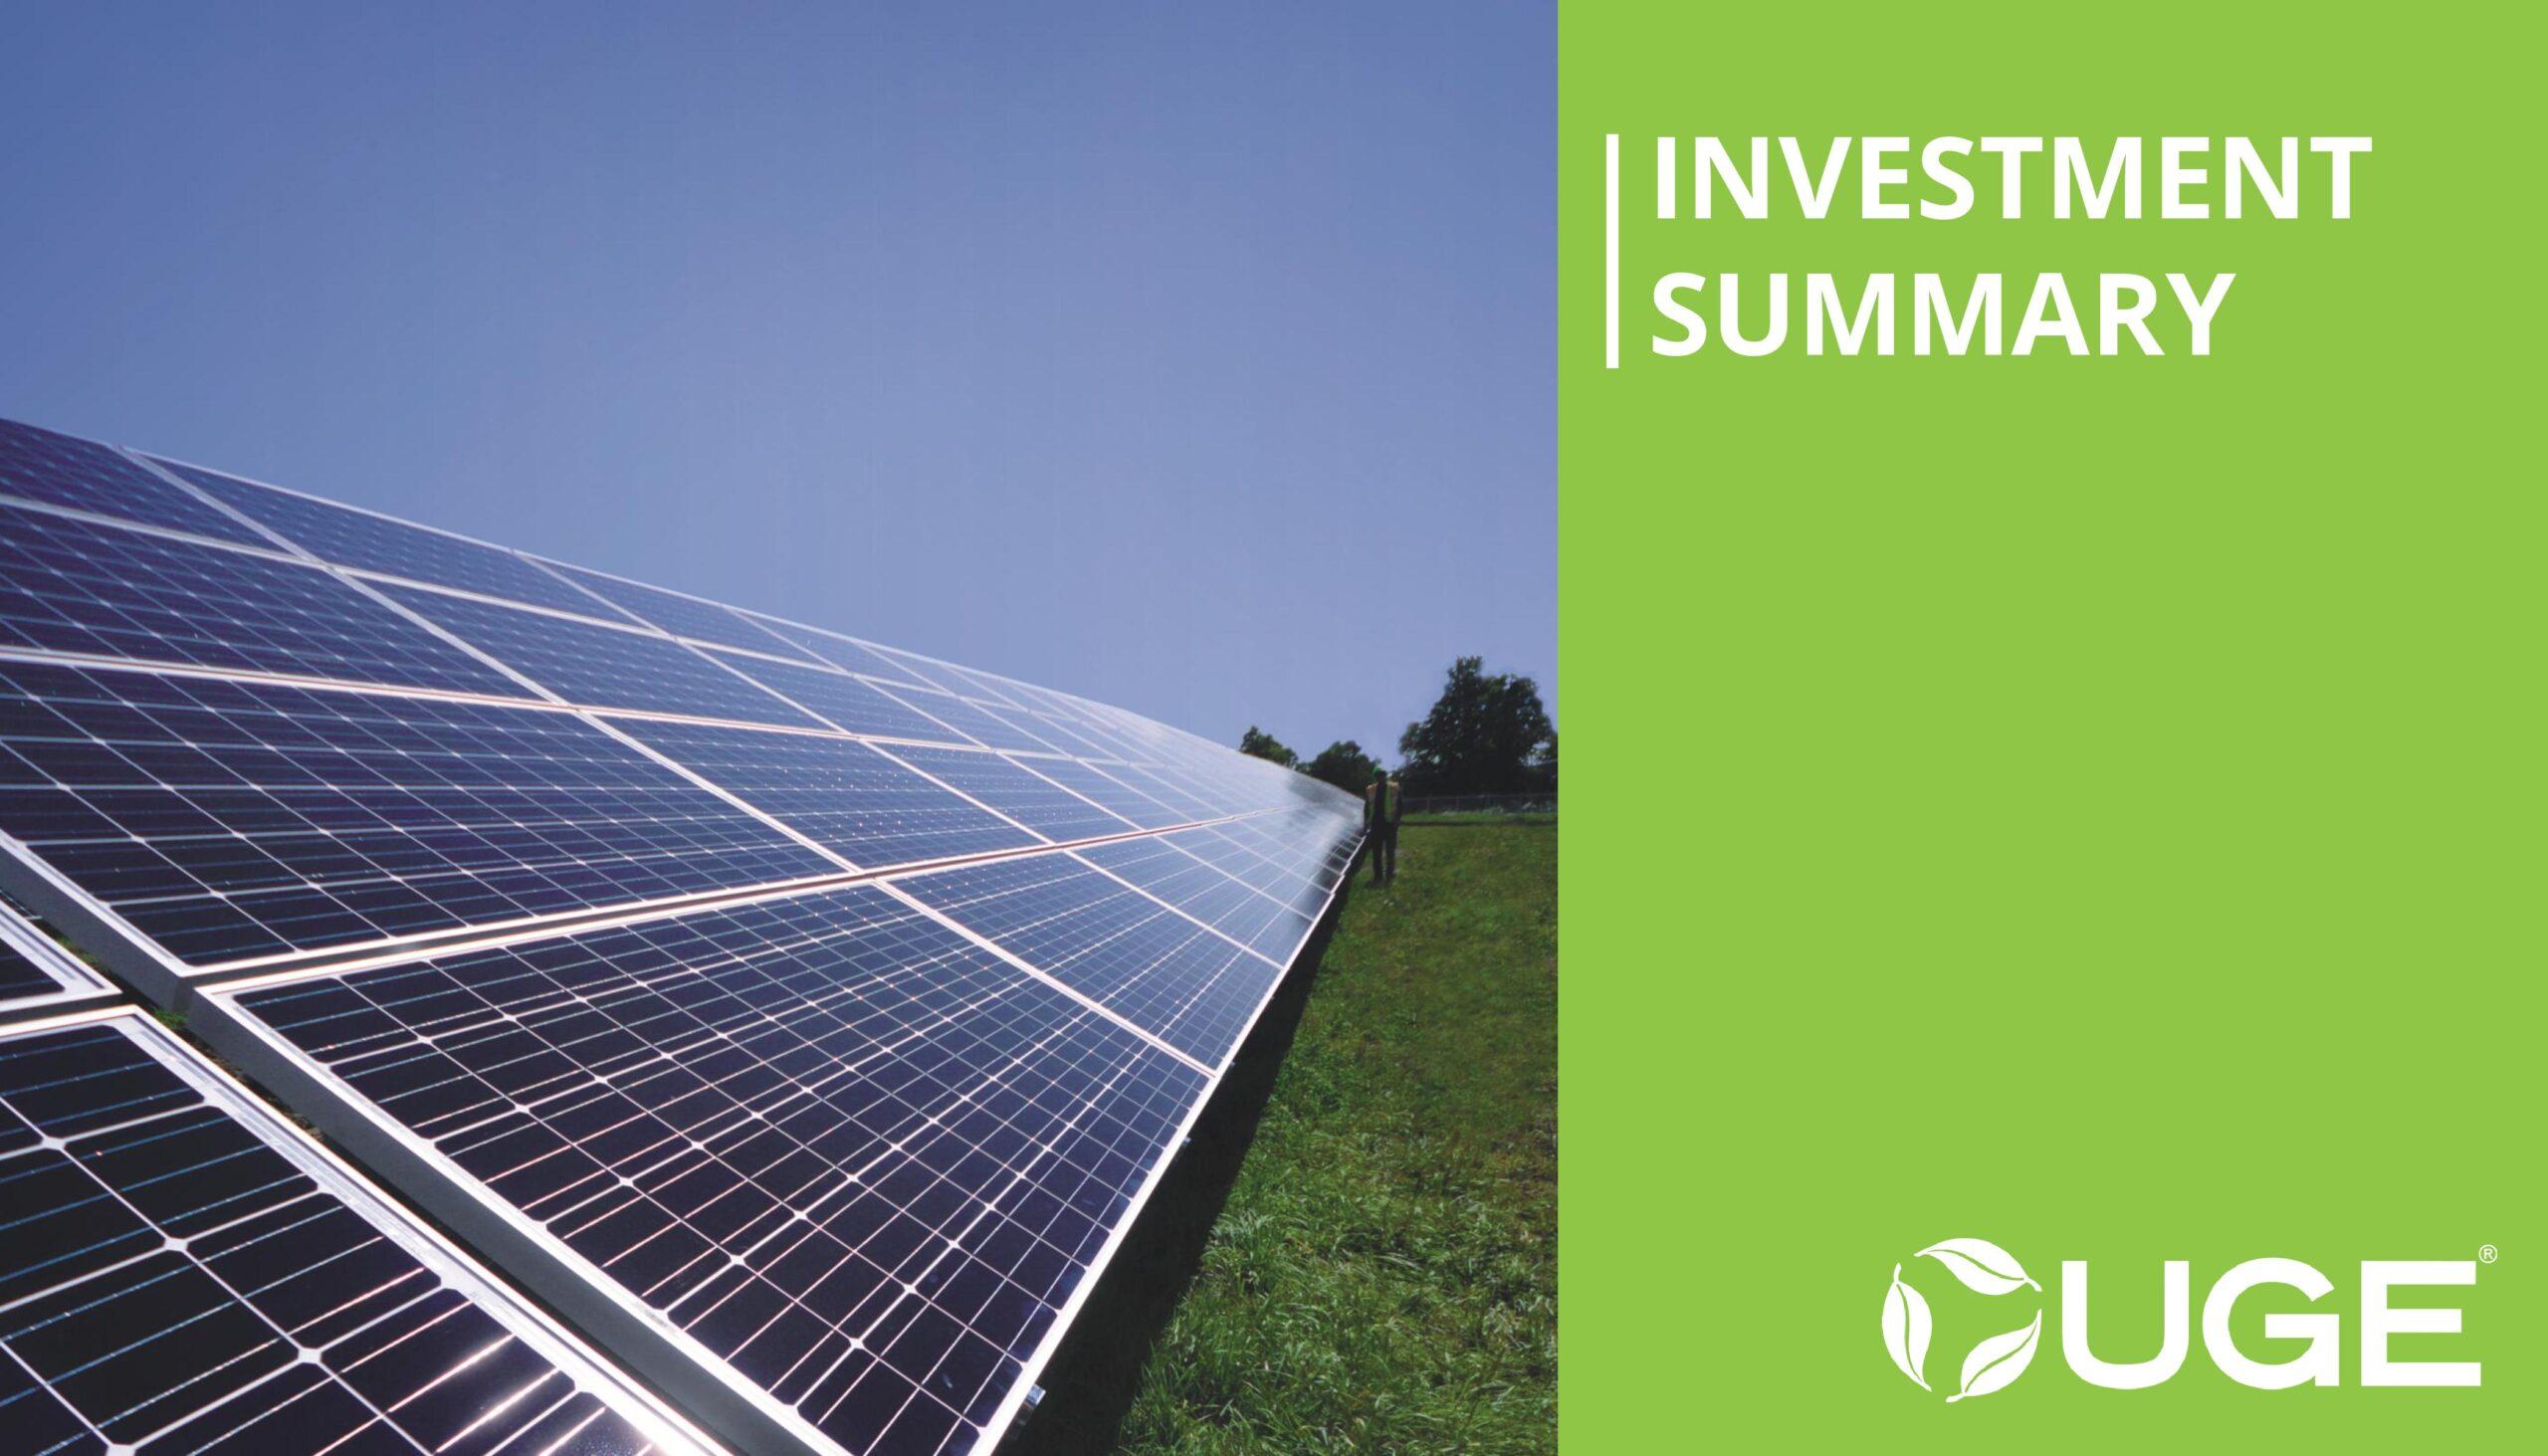 UGE Investor Presentation - 20211001-page-022